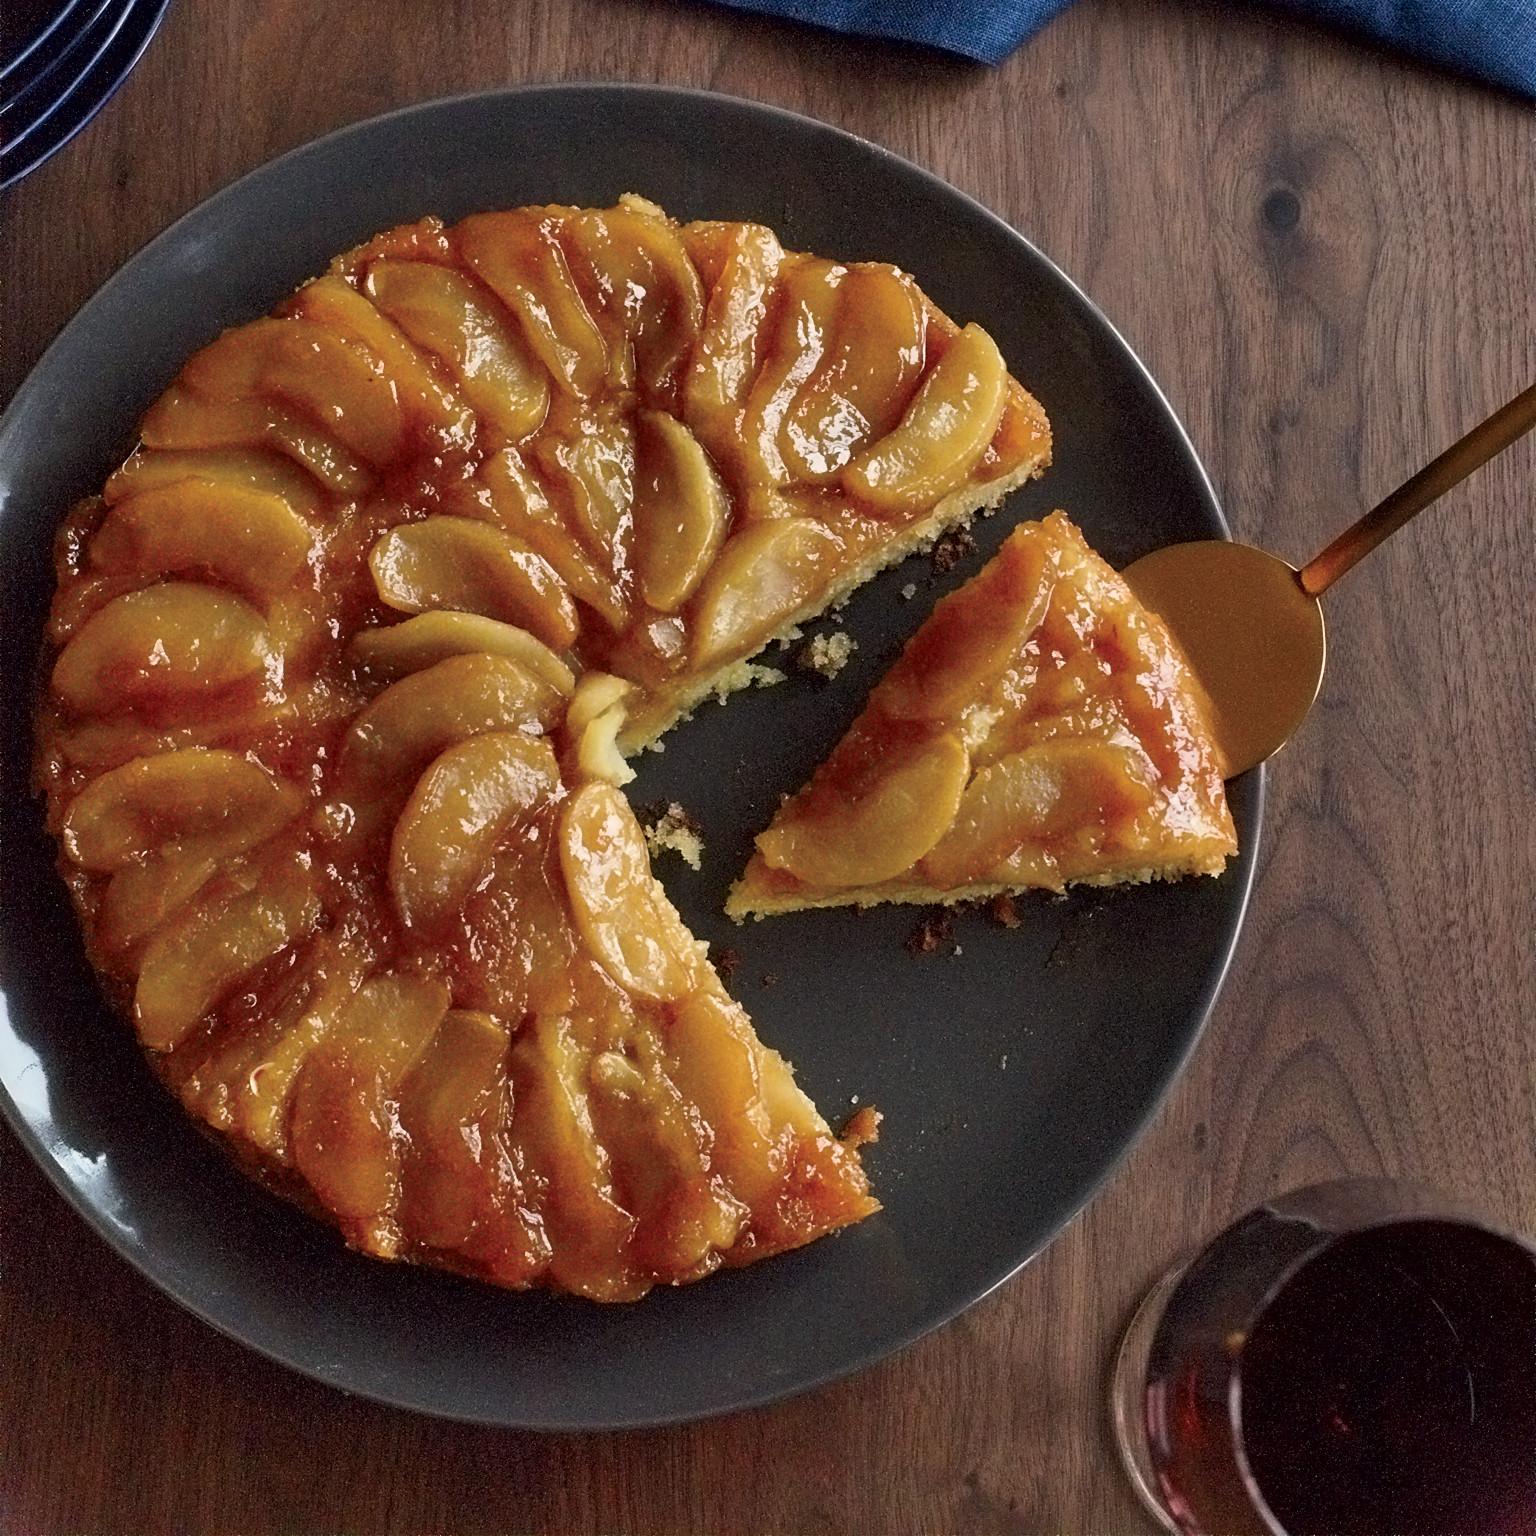 Best Apple Desserts  Maple Apple Upside Down Cake Recipe Joanne Chang